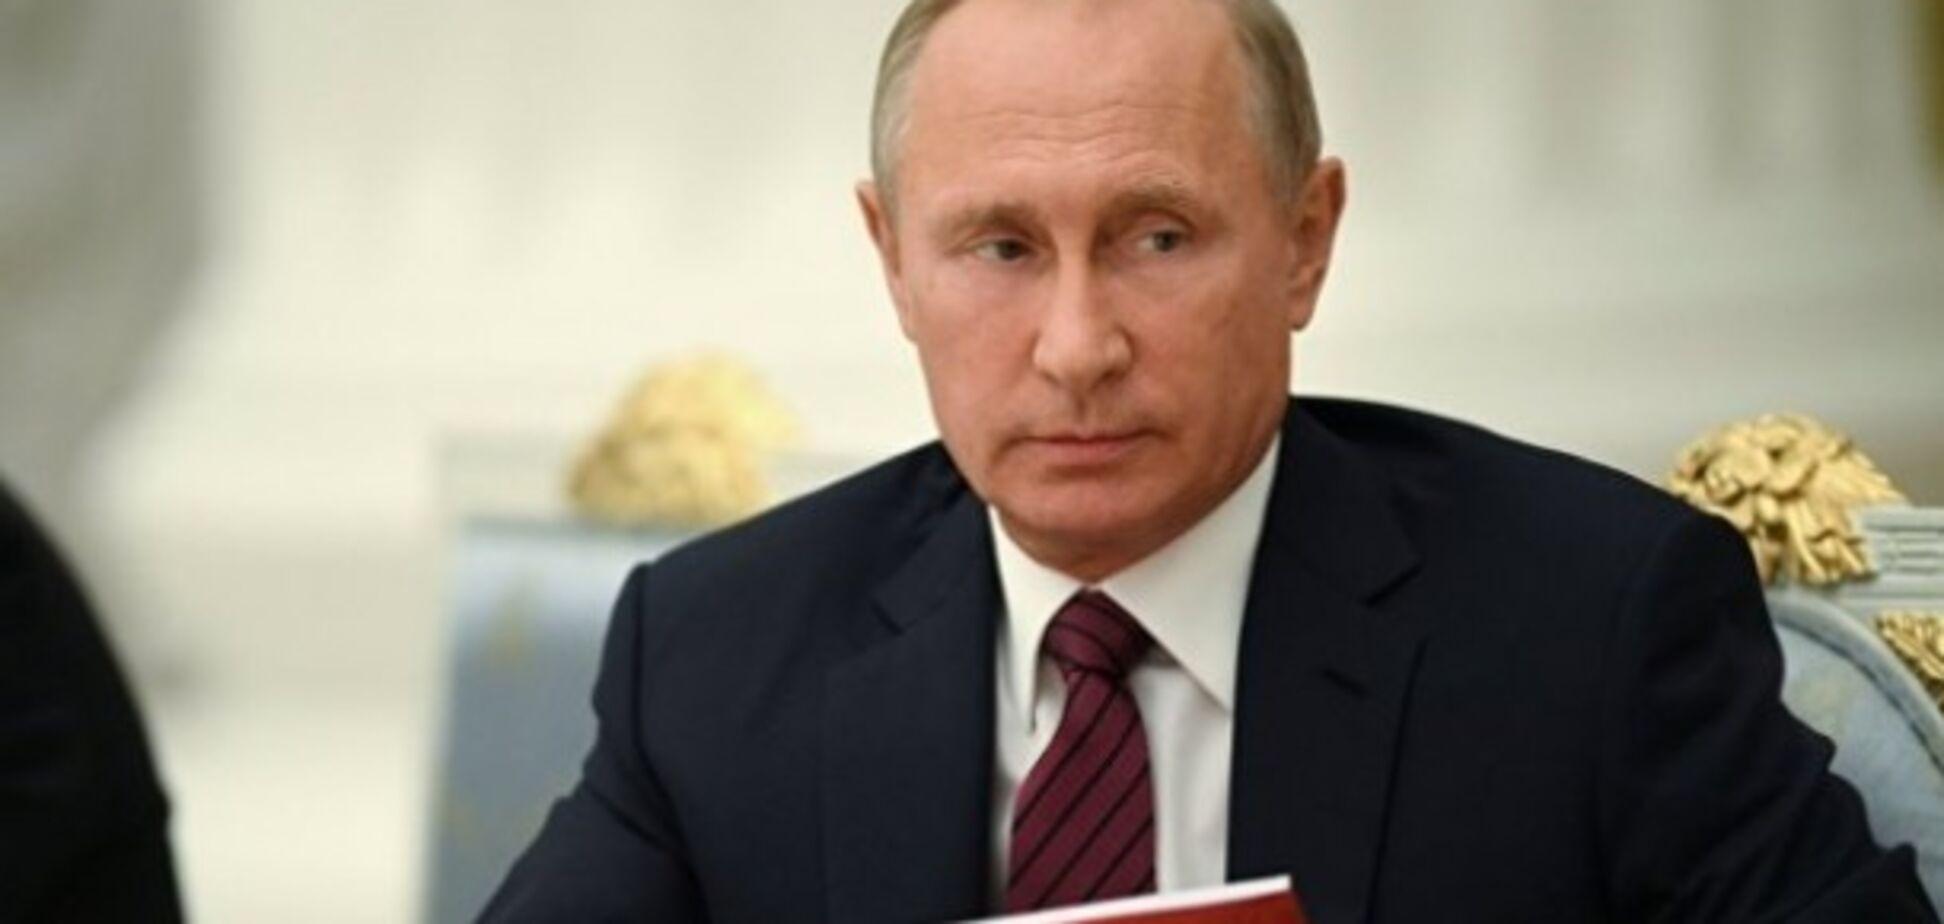 'Считай, великан!' Путин повеселил сеть новой иллюзией с ростом